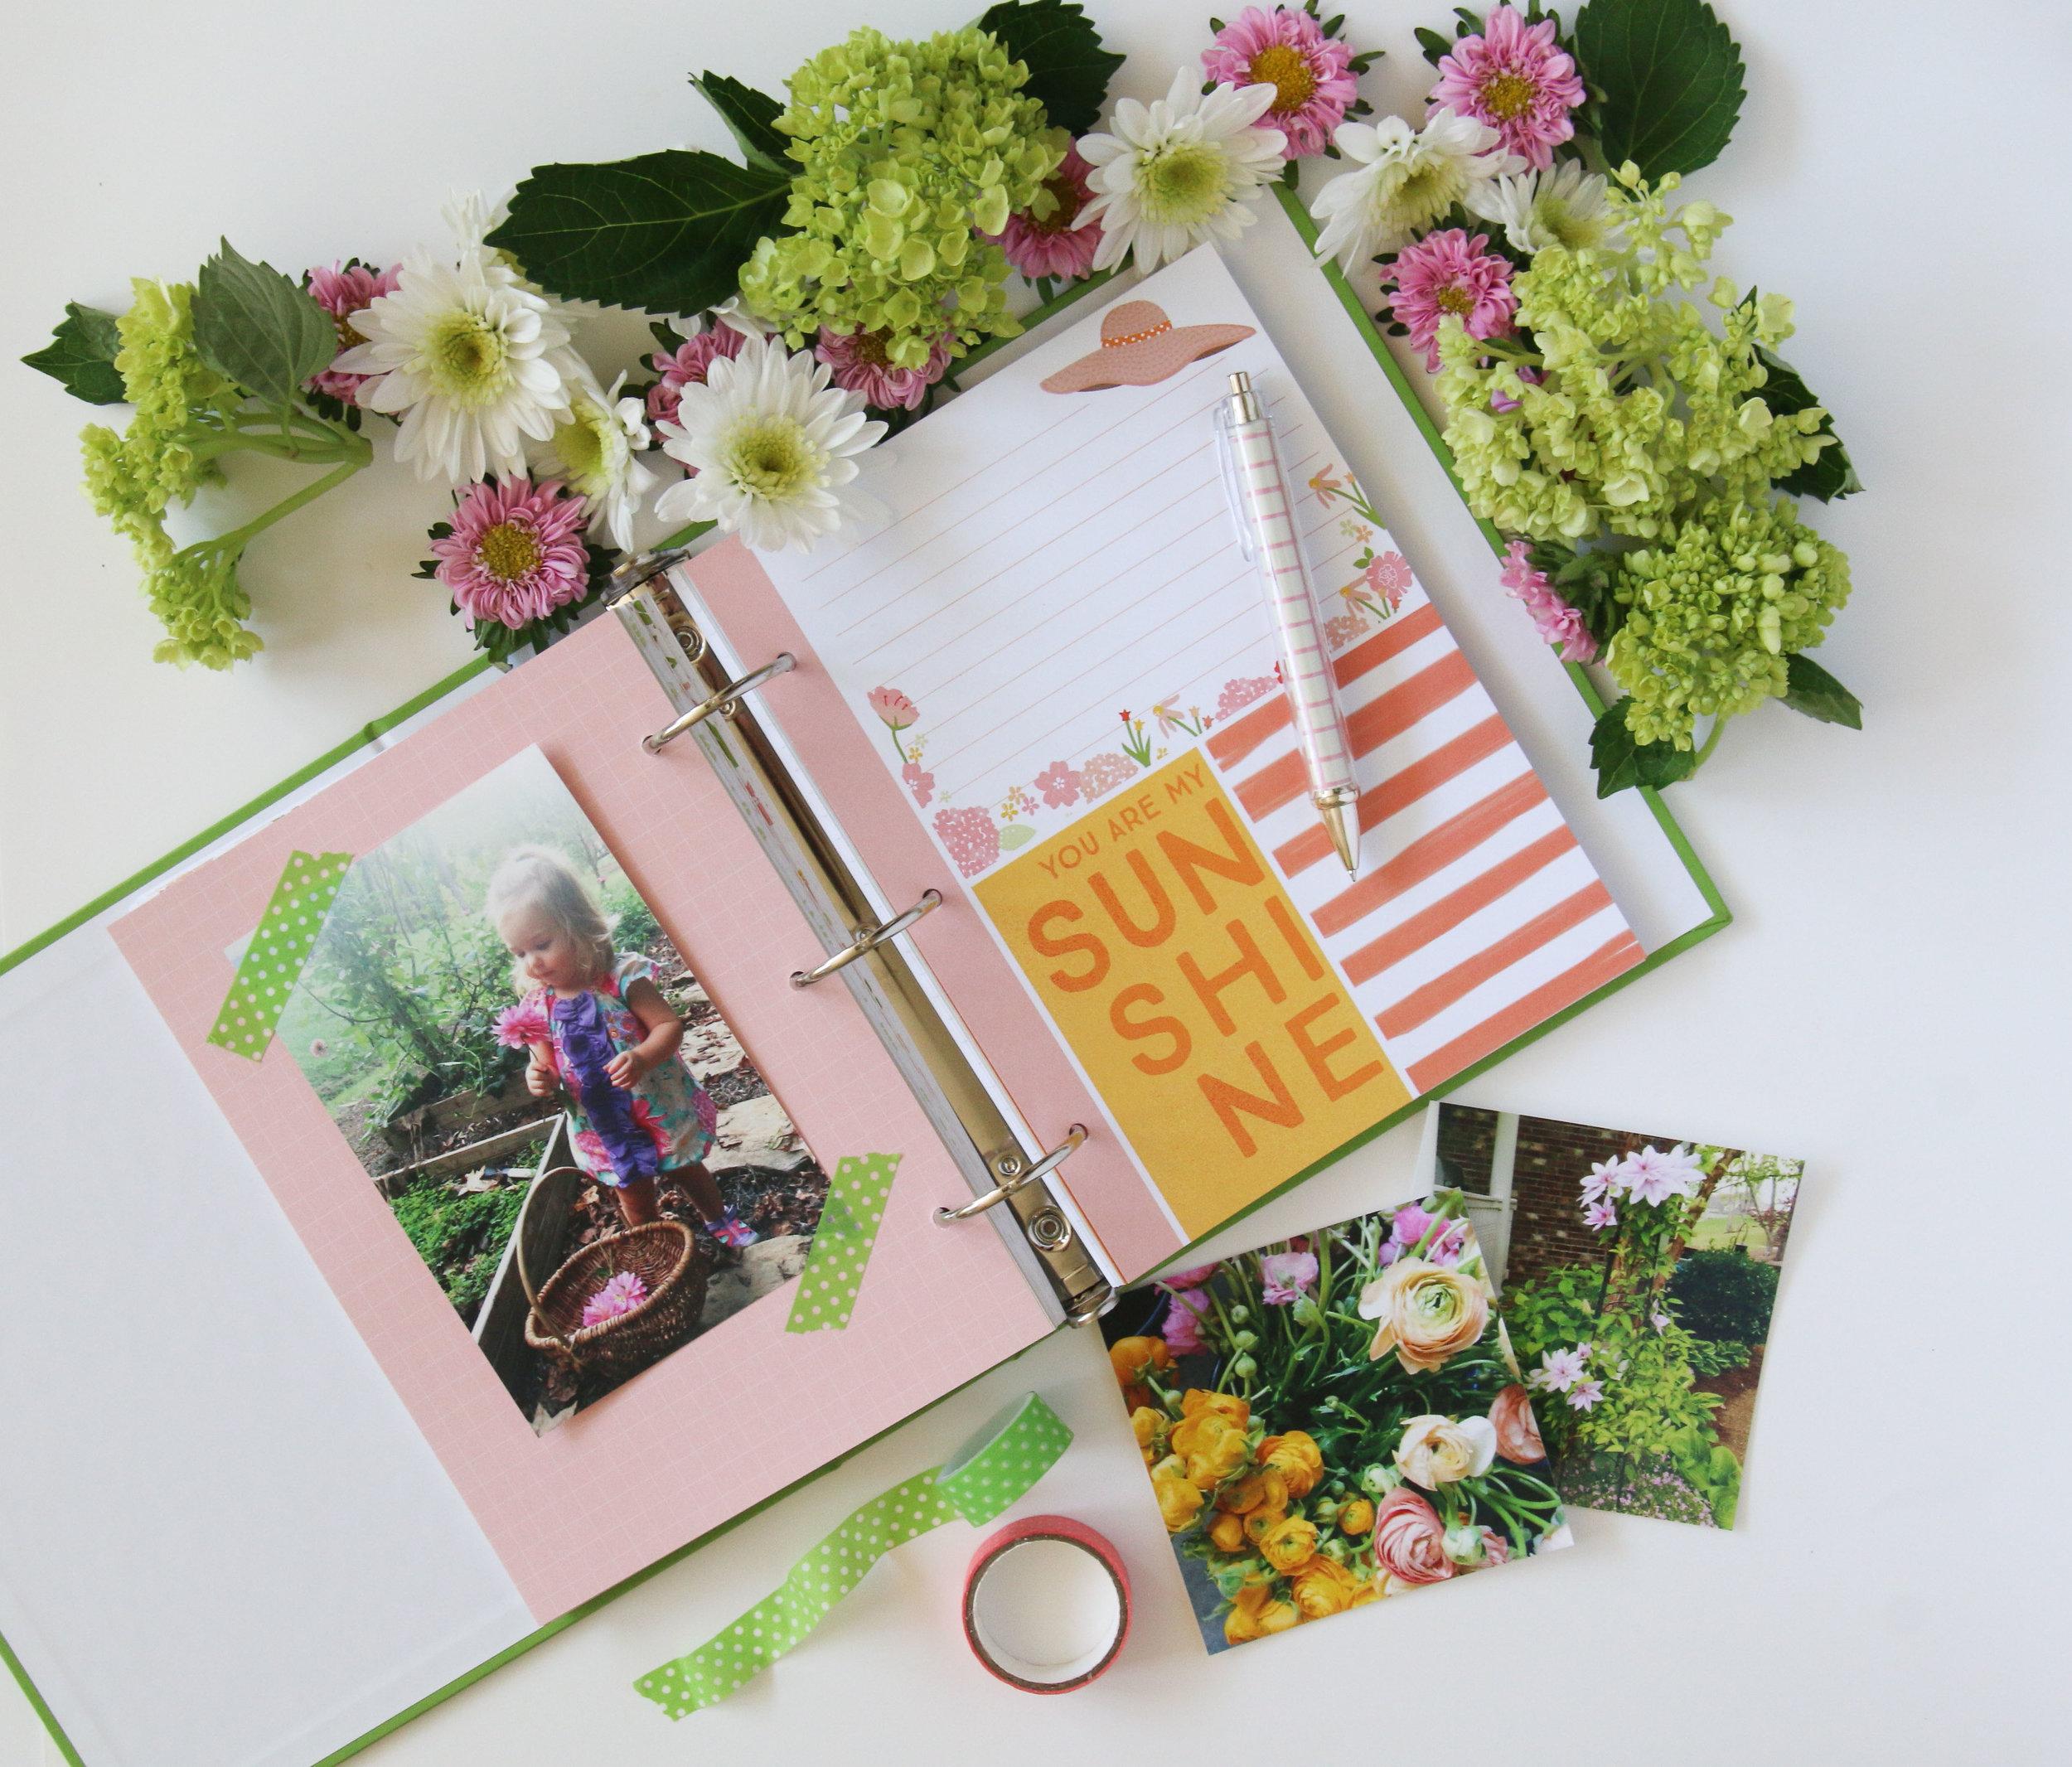 Amber-Housley-Joyful-Garden-Memory-Planner-16.jpg